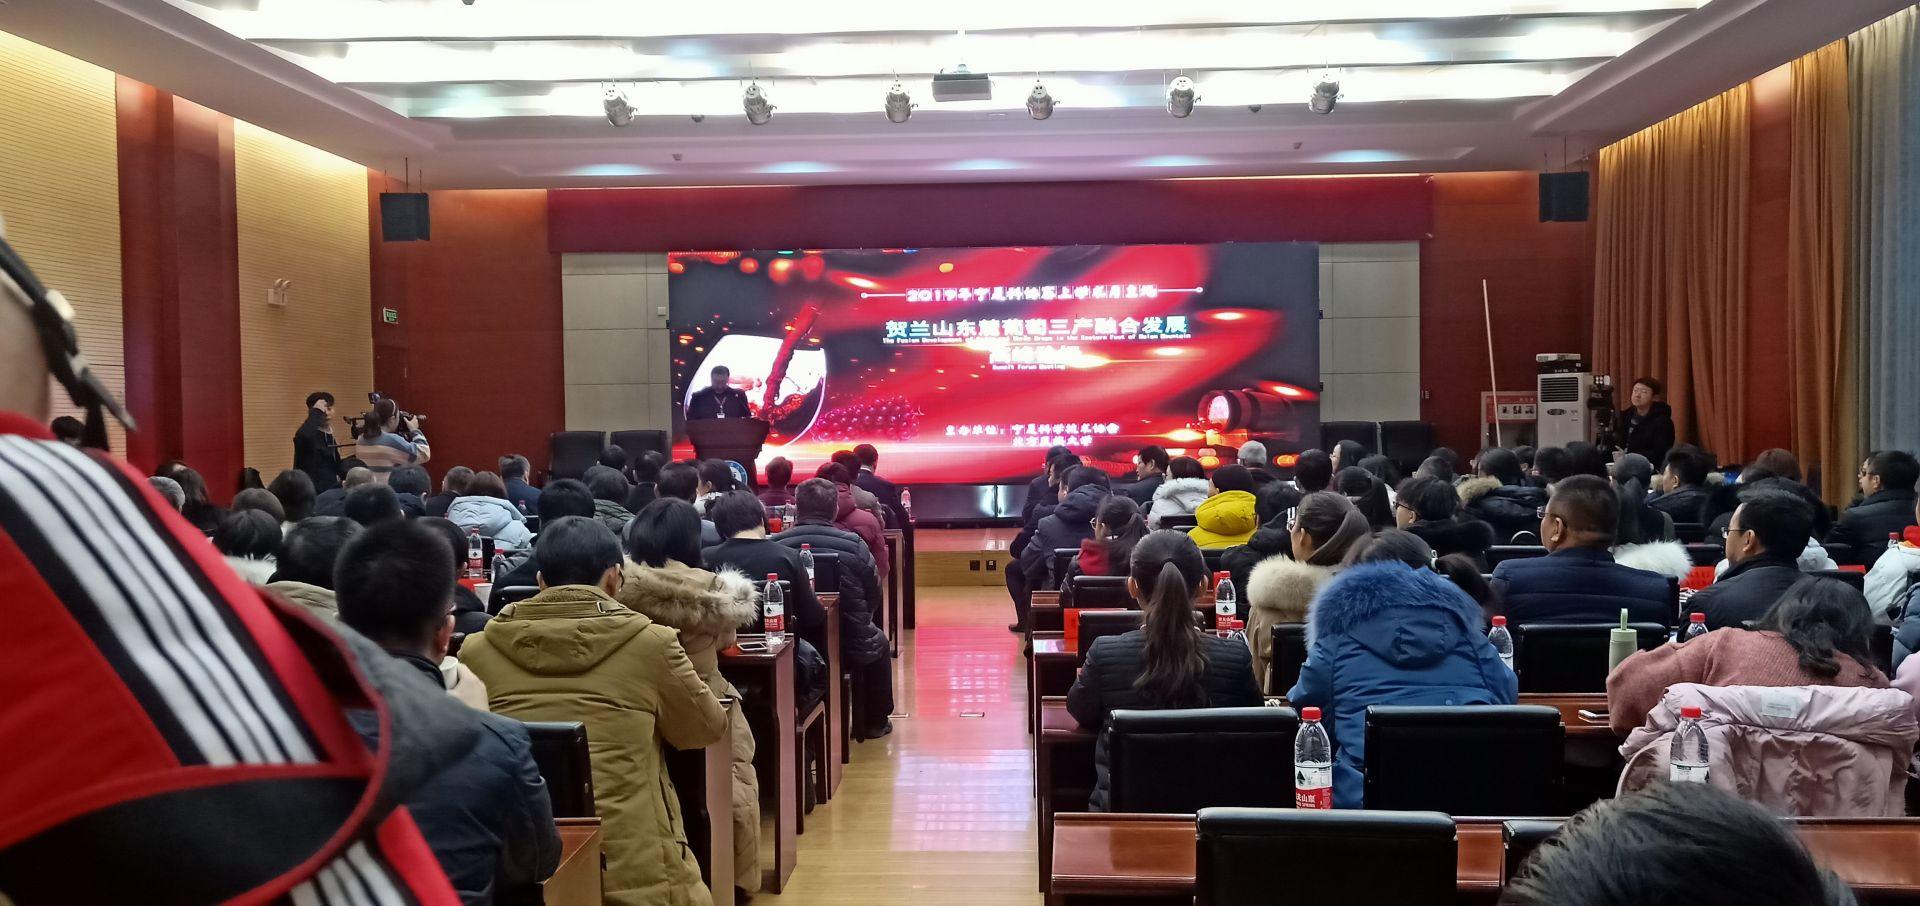 """""""贺兰山东麓葡萄三产融合发展高峰论坛""""在银川成功举办"""